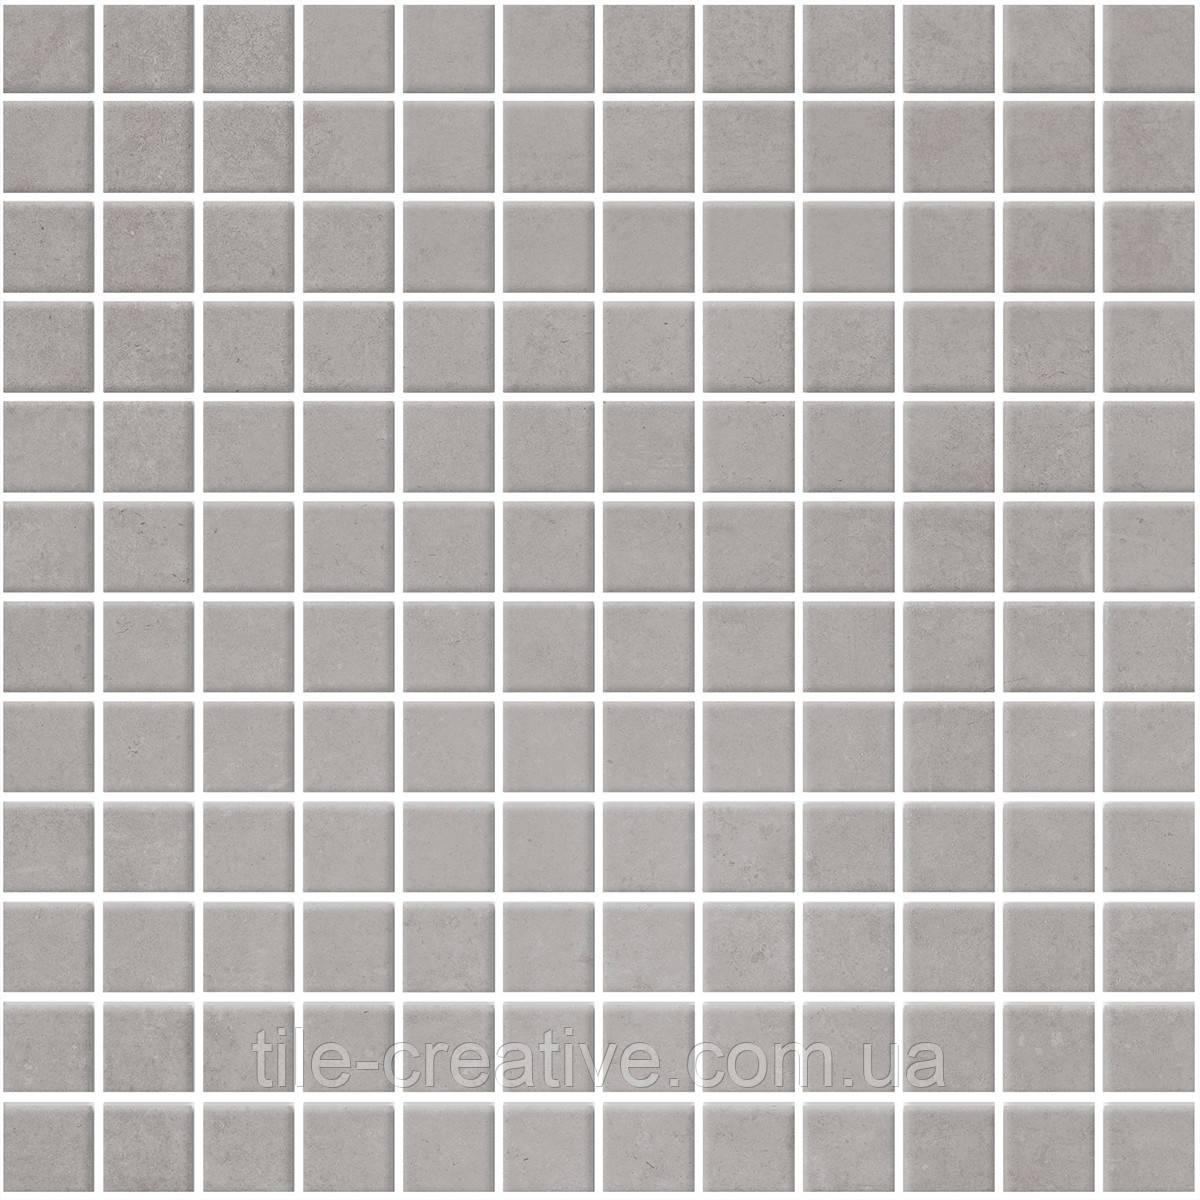 Мозаика Кастелло серый 29,8х29,8х3,5 20106